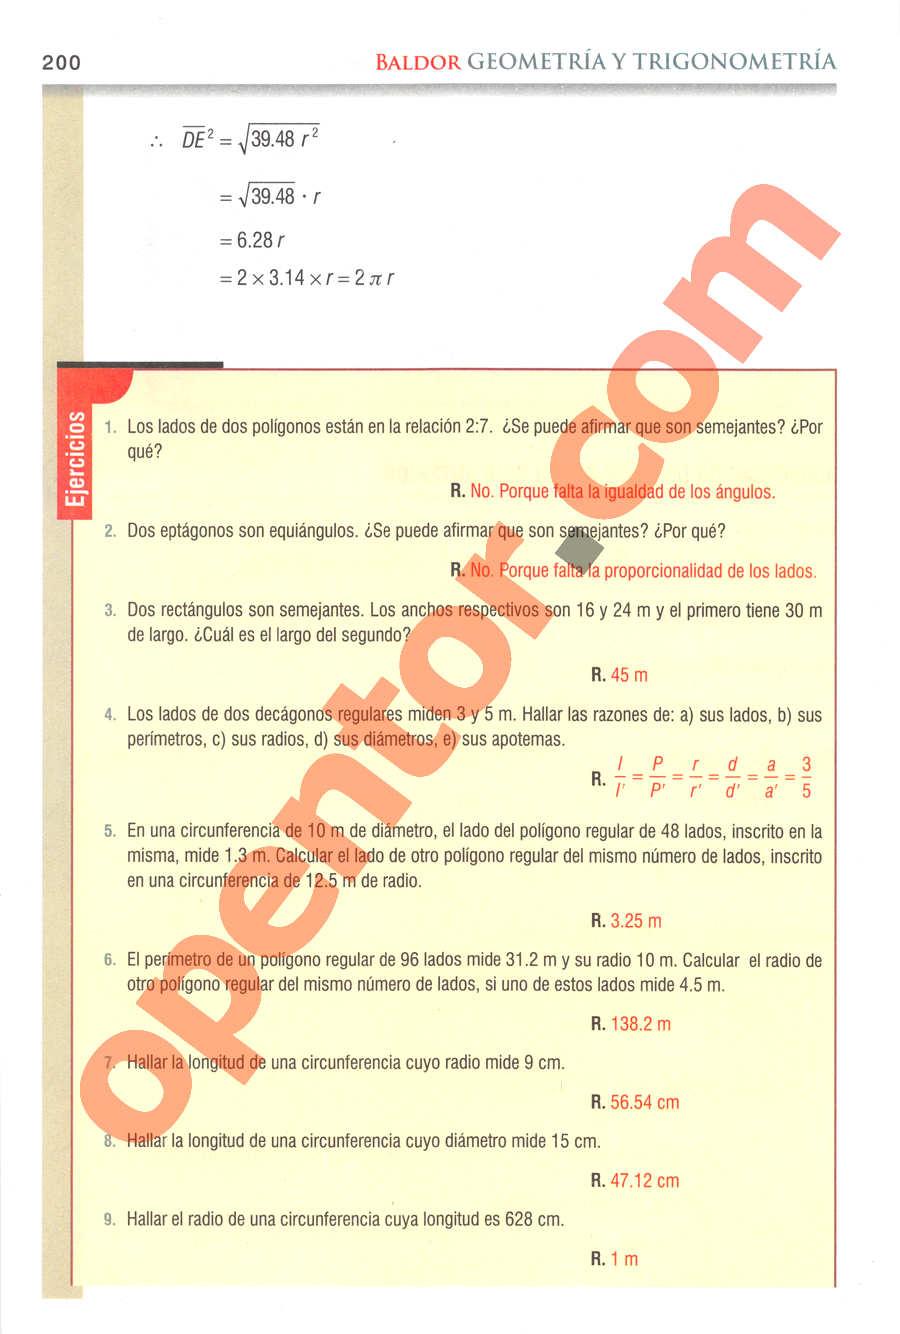 Geometría y Trigonometría de Baldor - Página 200